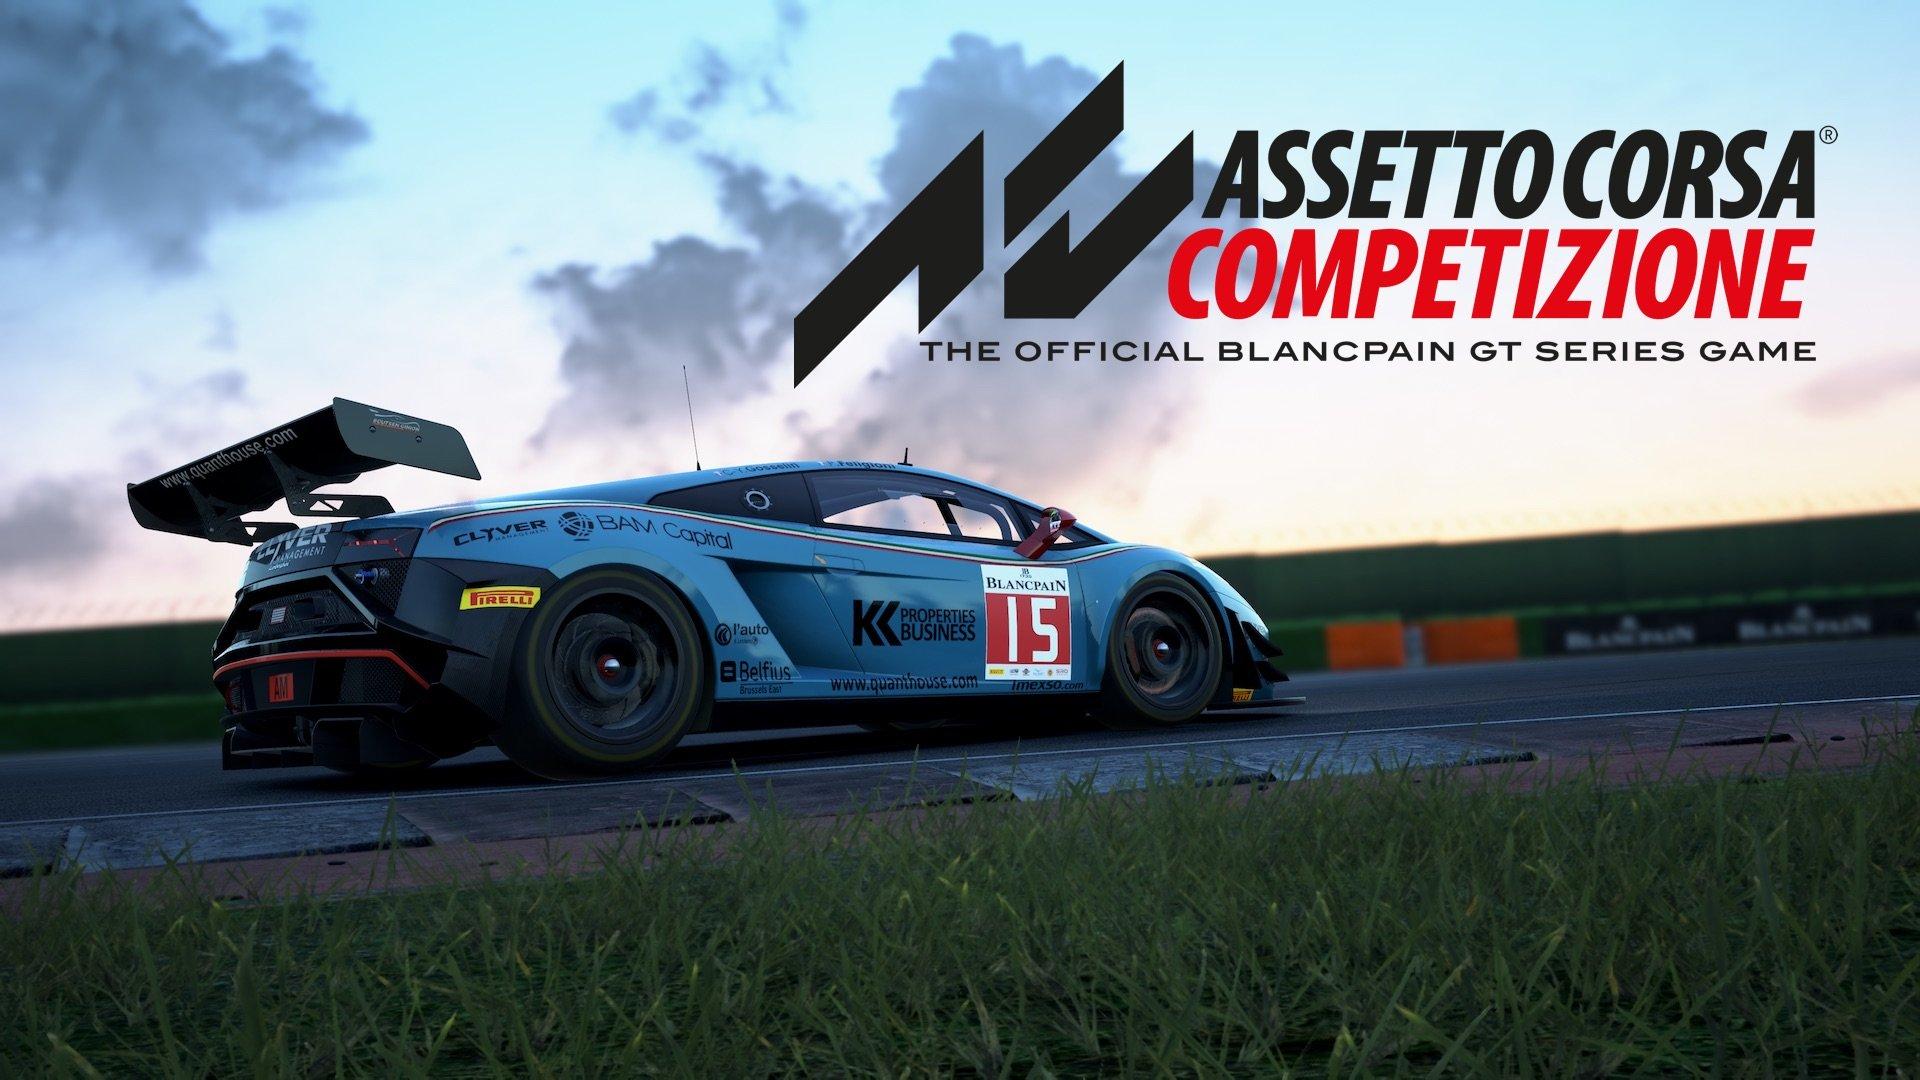 Assetto Corsa Competizione Review